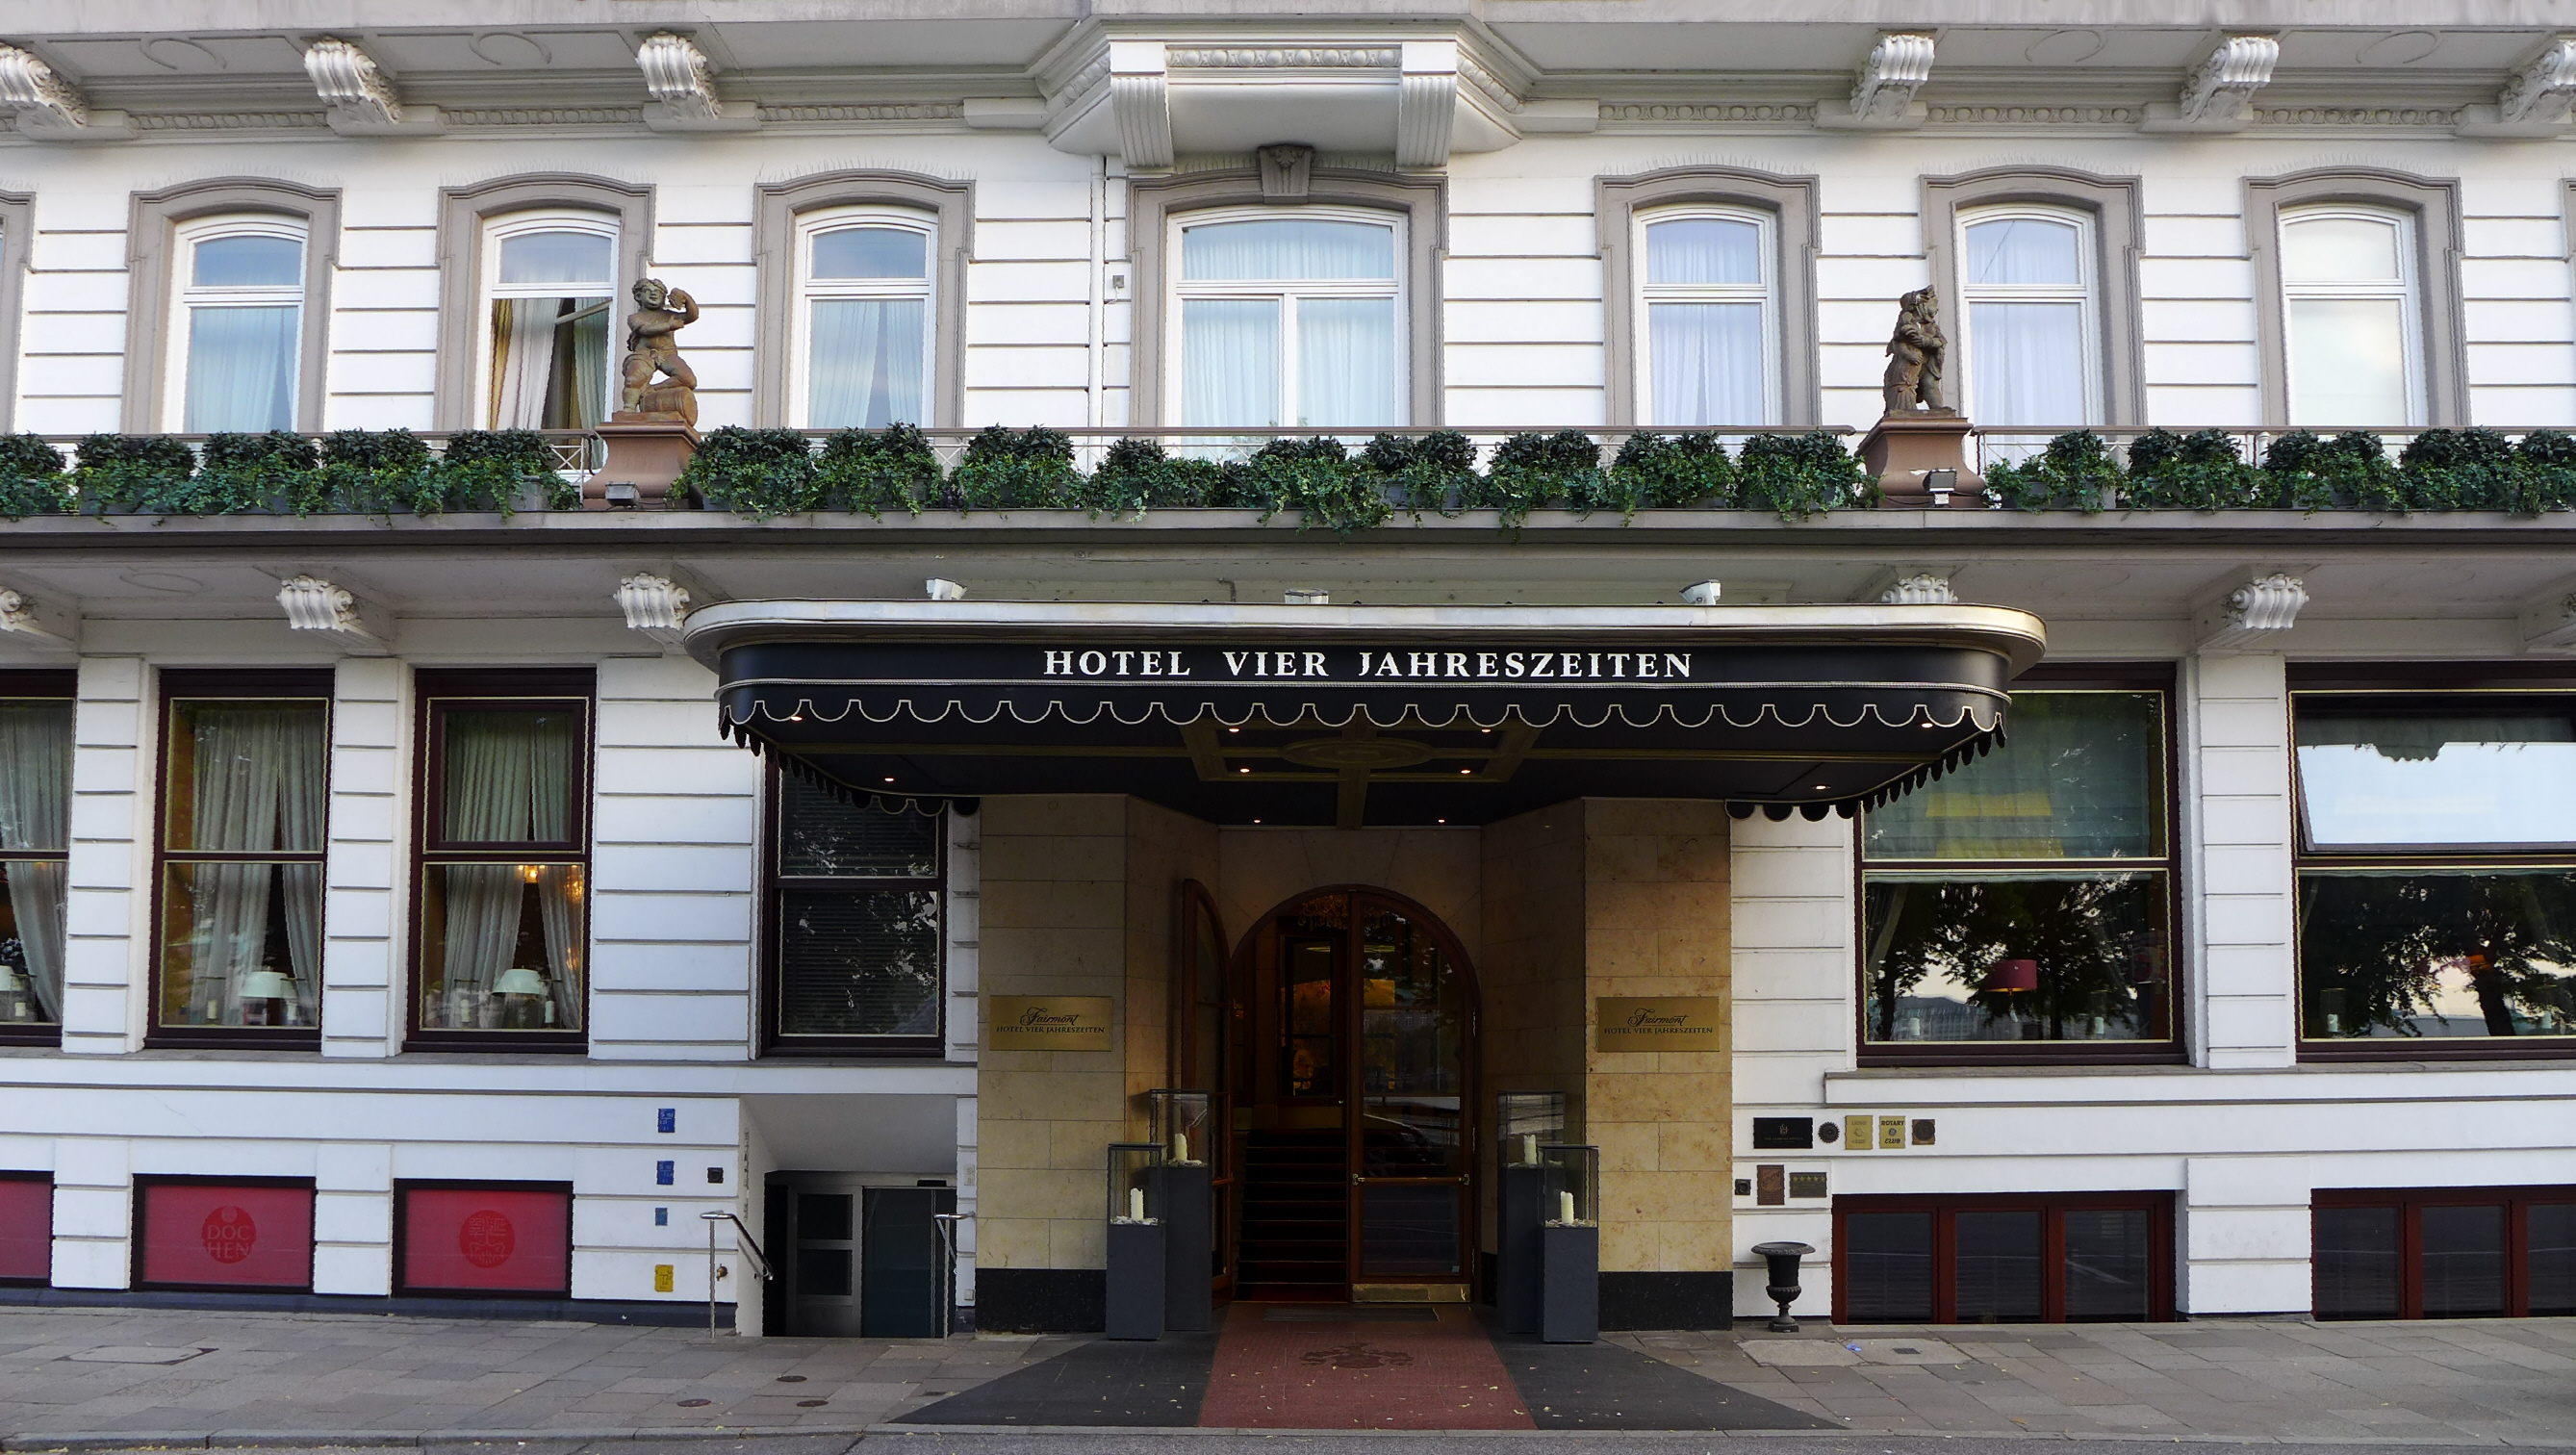 Fairmont Hotel  Jahreszeiten Hamburg